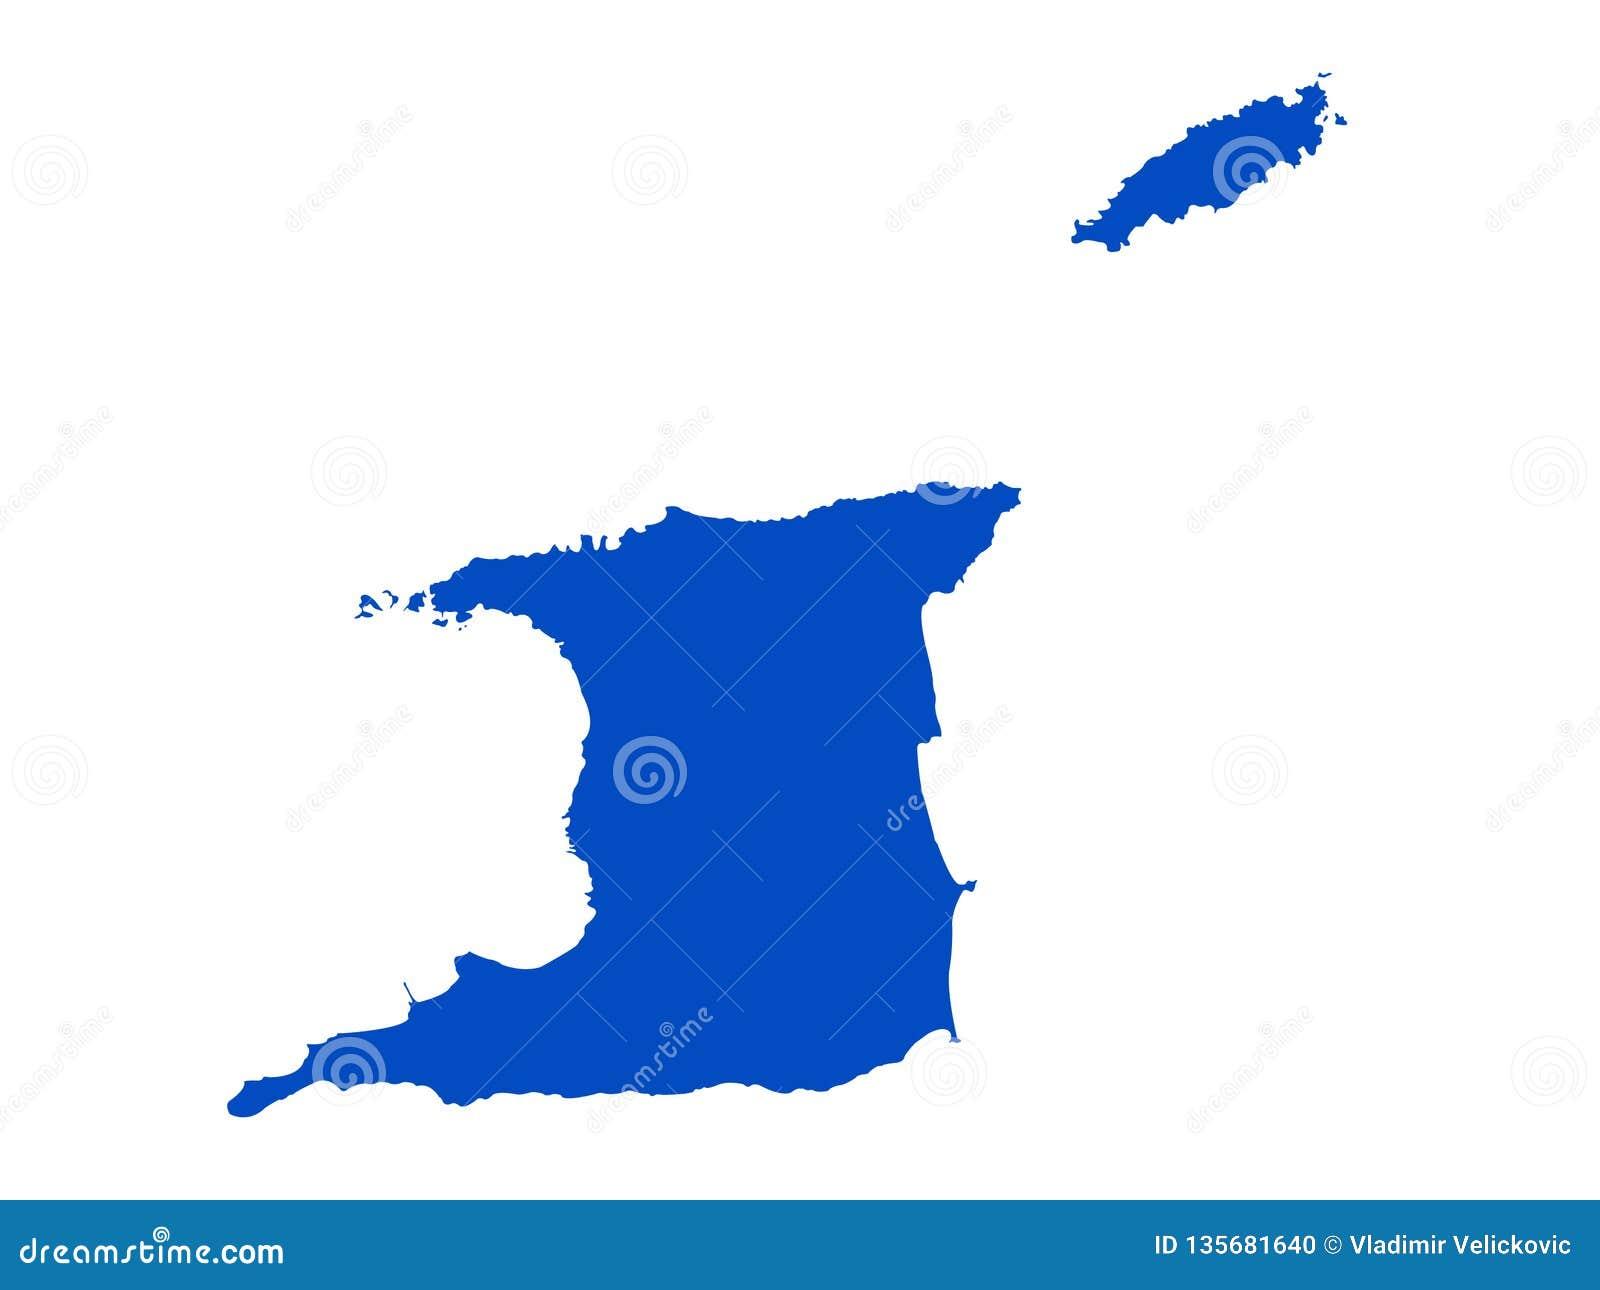 Trinidad And Tobago Map - Republic Of Trinidad And Tobago ...